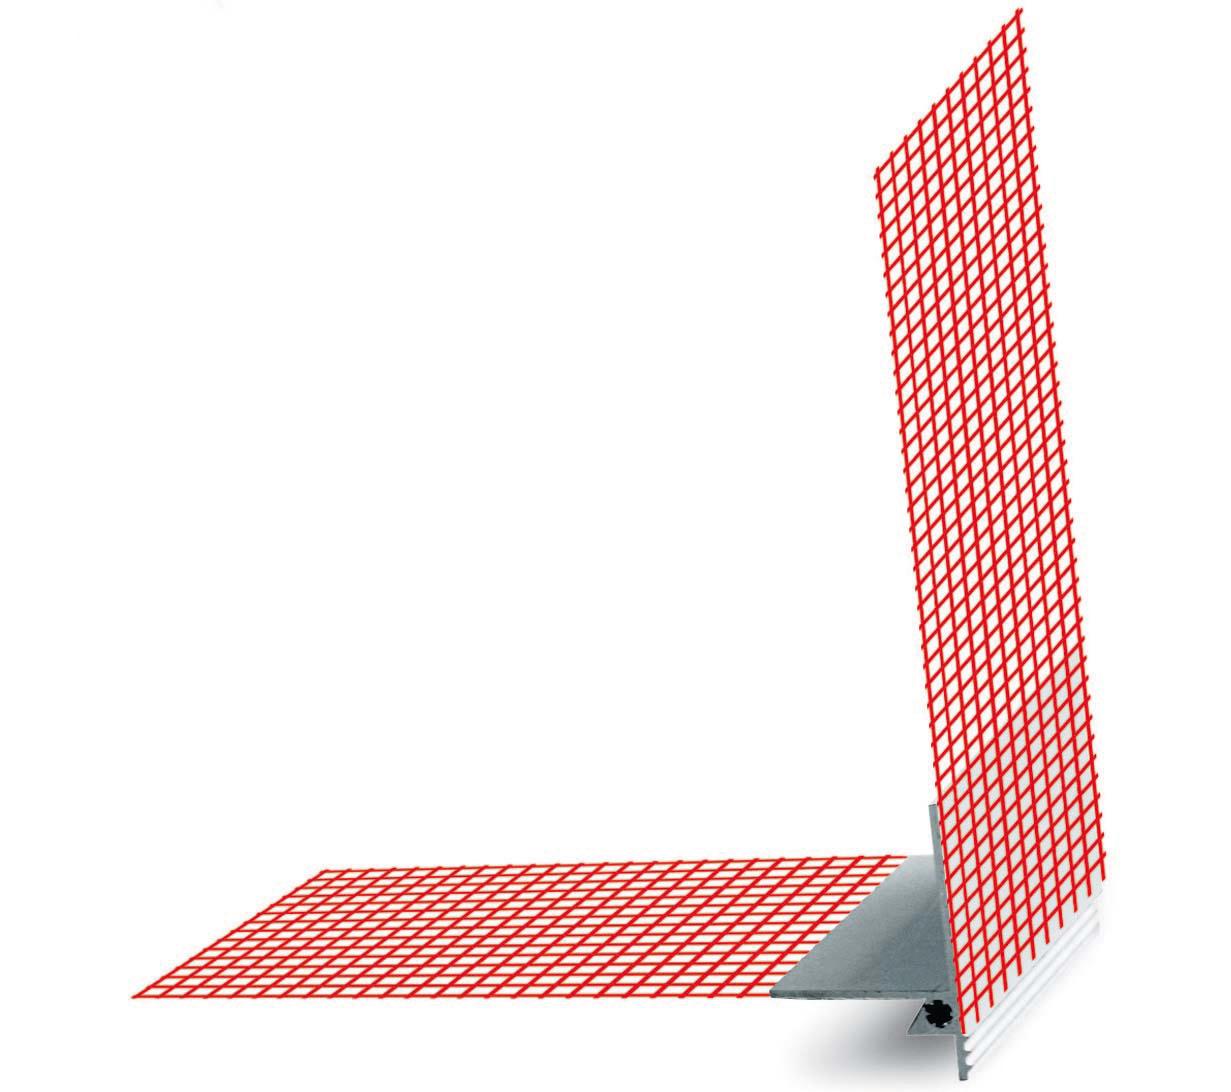 PVC profil okapni, TROPFKANTENPROFIL, 2,5 m/kom, BAUMIT